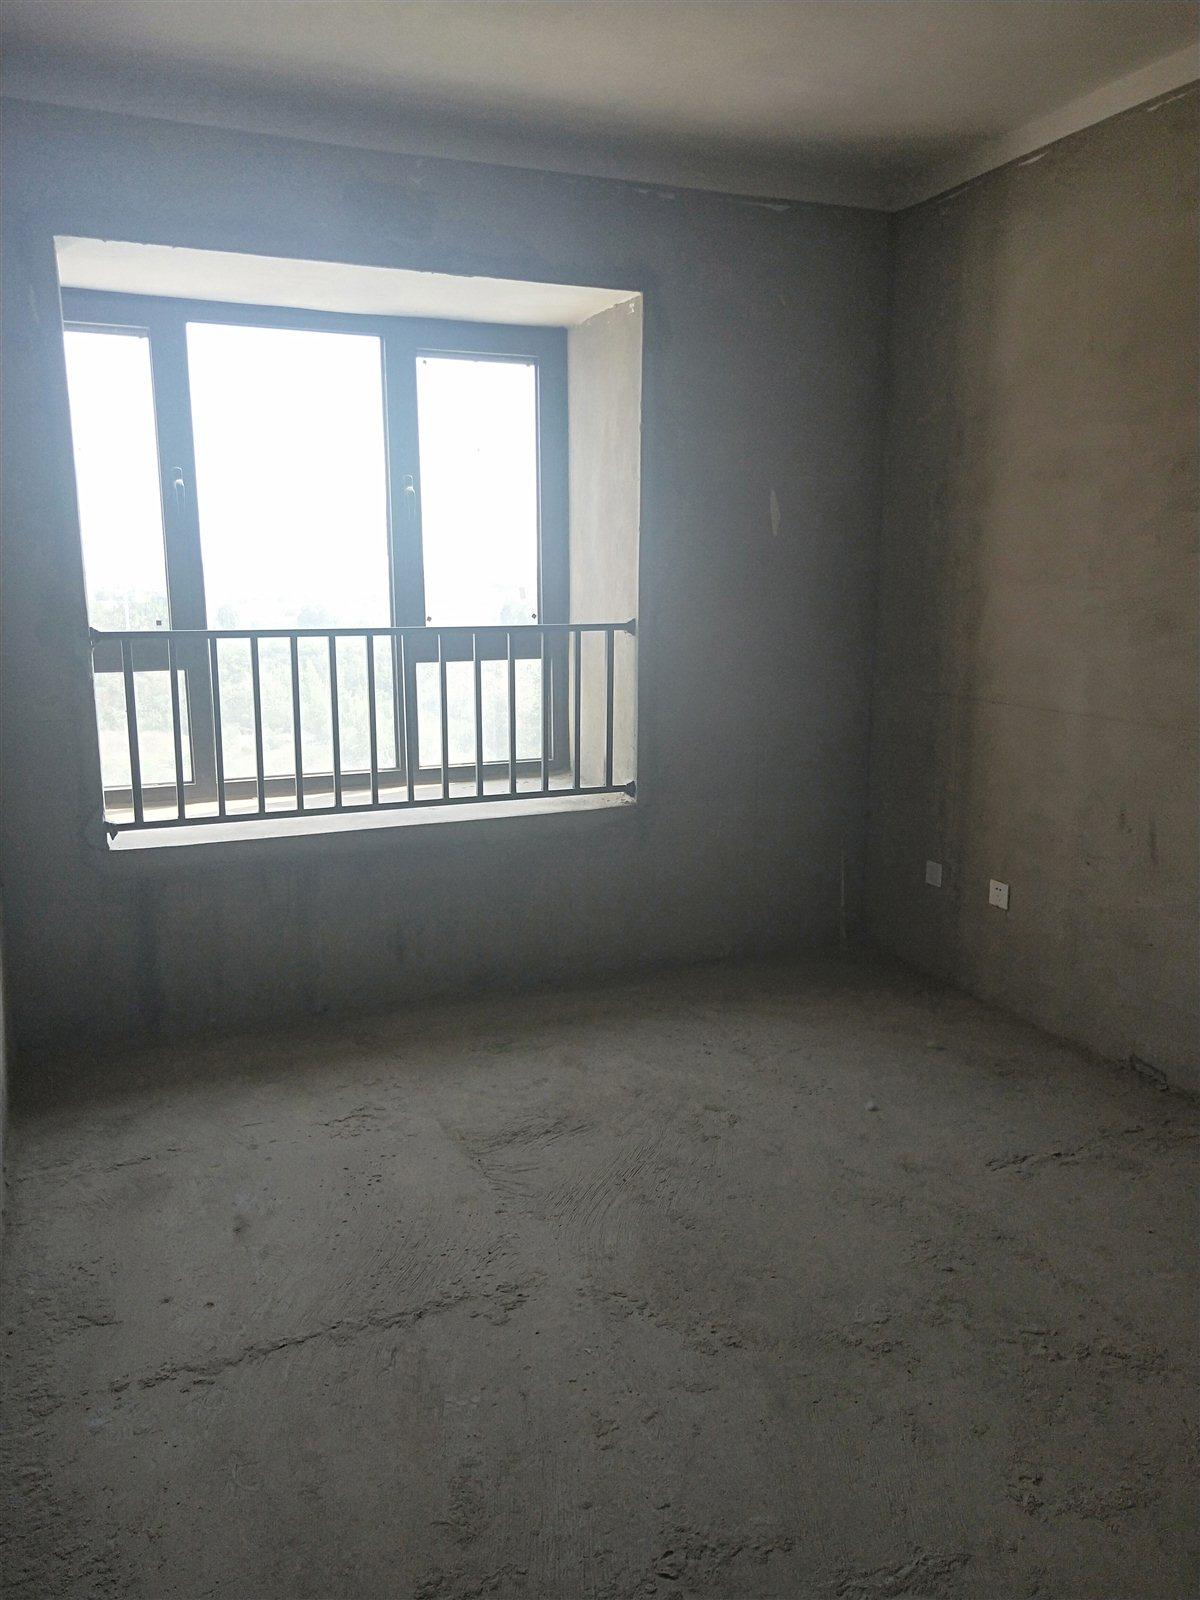 米兰小镇3室 1厅 1卫66万元